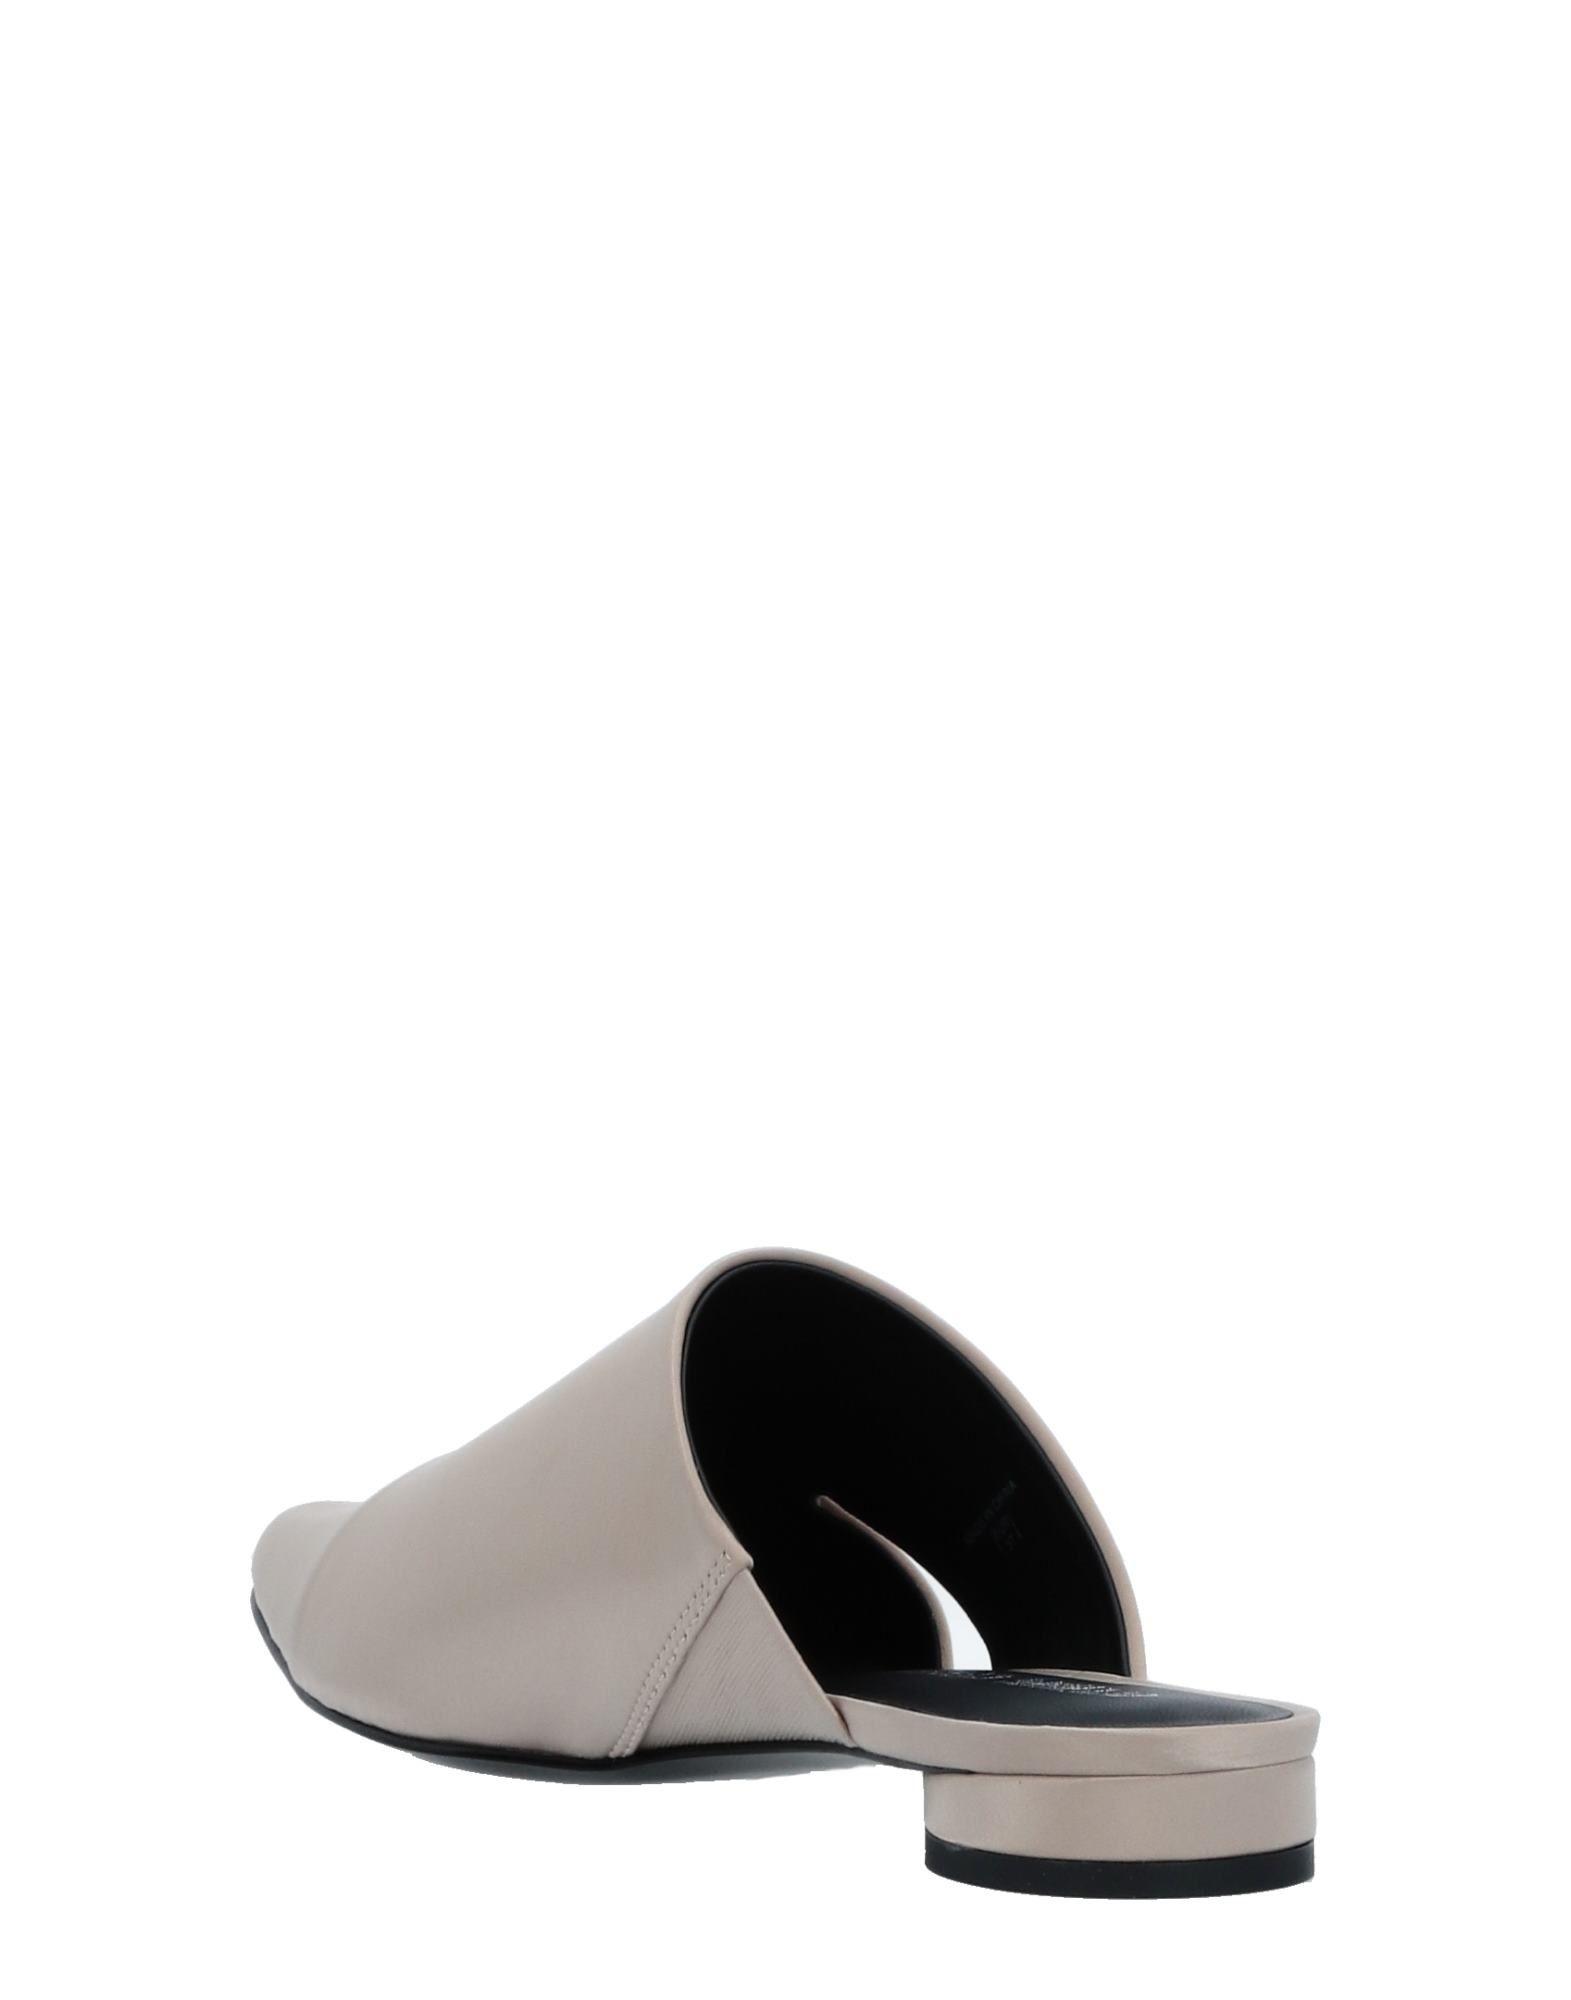 Gut Ceremony um billige Schuhe zu tragenOpening Ceremony Gut Pantoletten Damen  11515174XK 875902